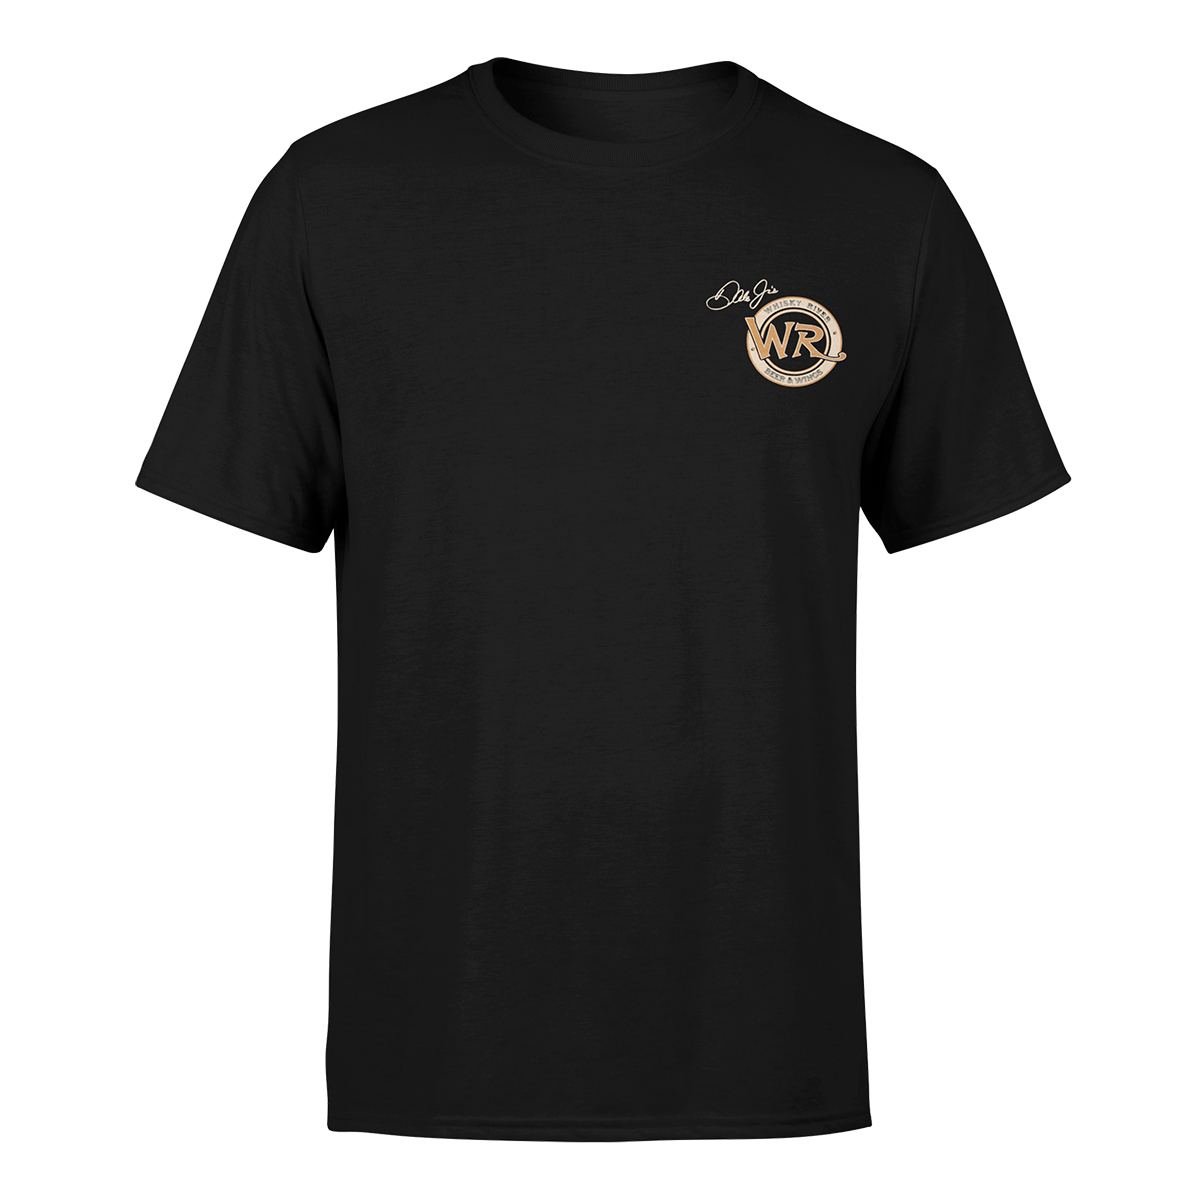 Whisky River 2018 2-spot Vintage Label T-shirt